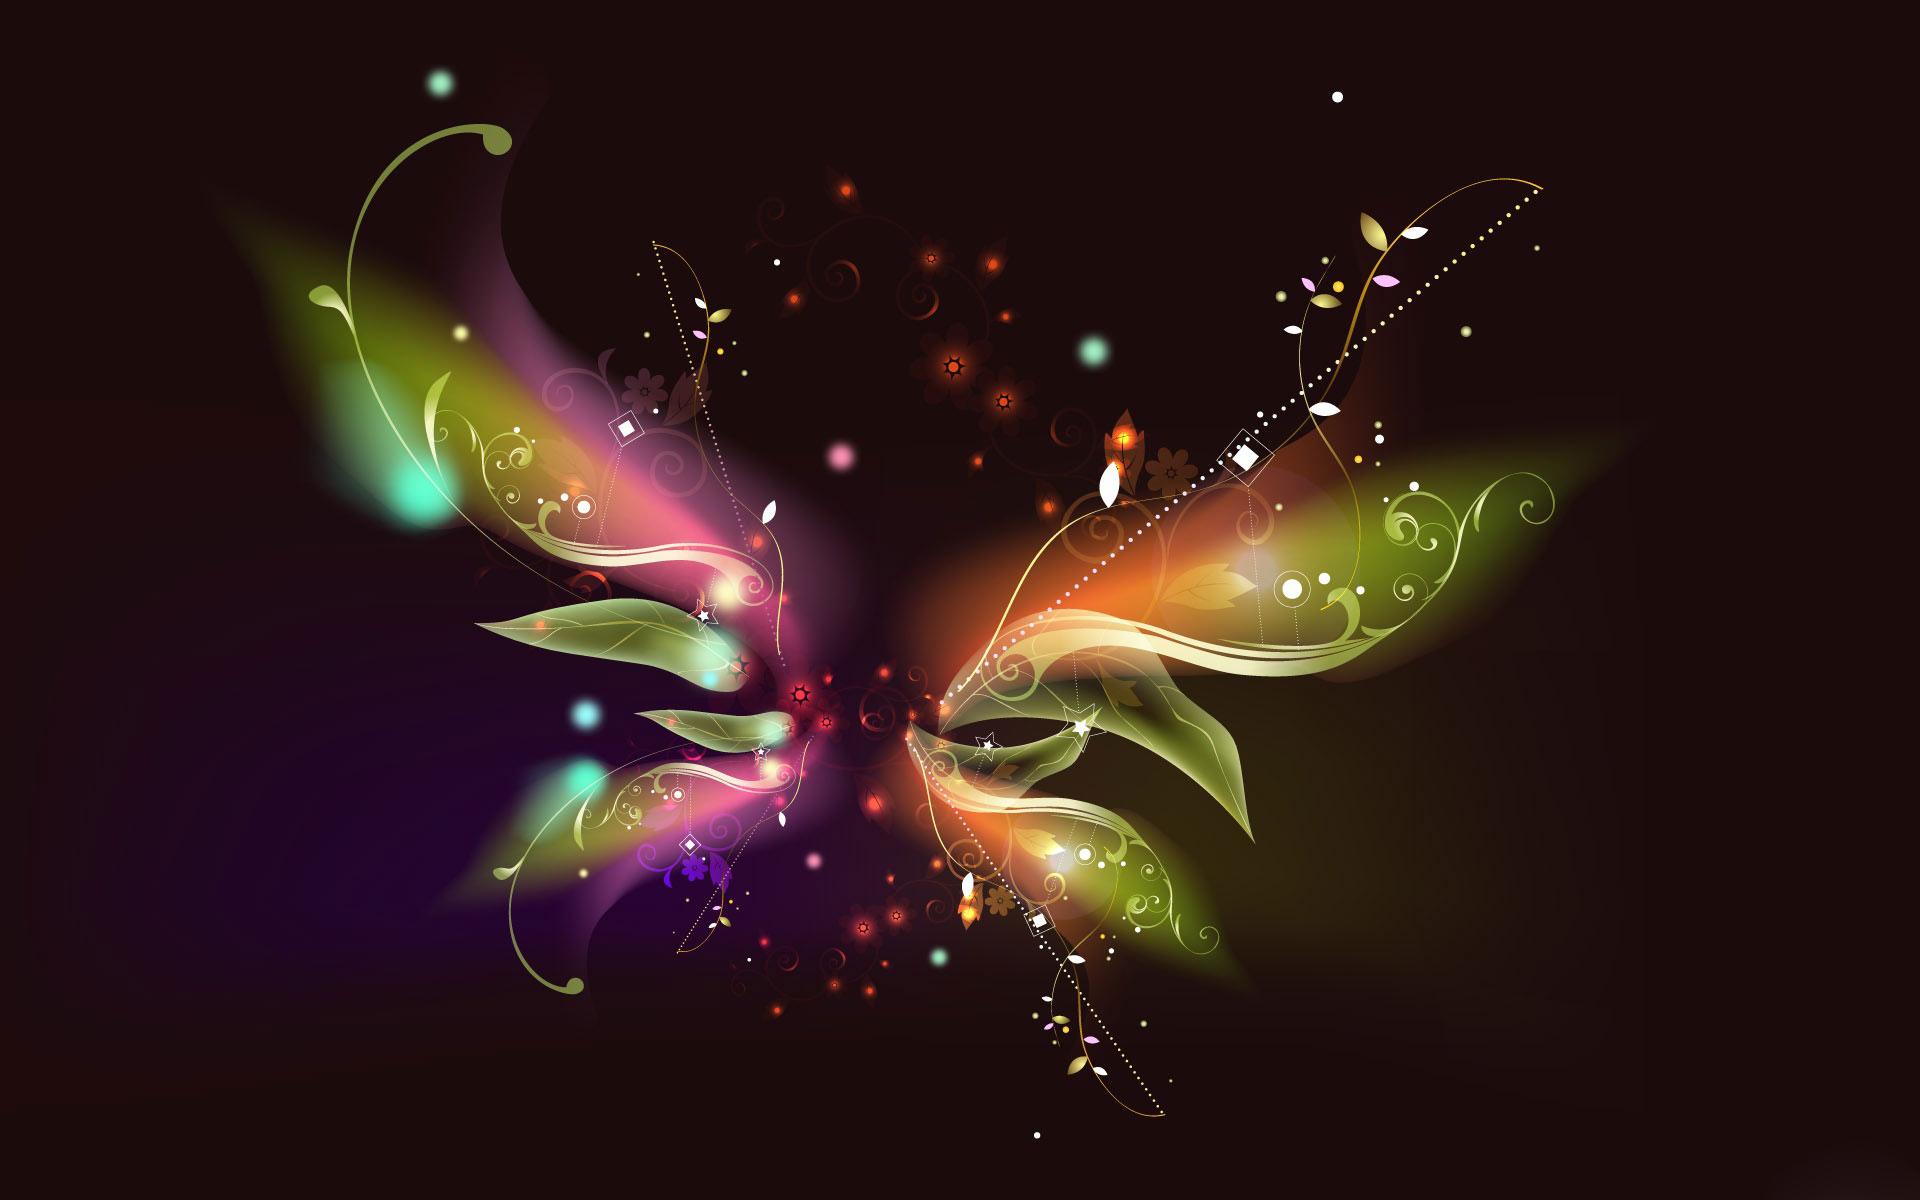 Butterfly Wallpaper Desktop 8234 Hd Wallpapers in Cute   Imagescicom 1920x1200